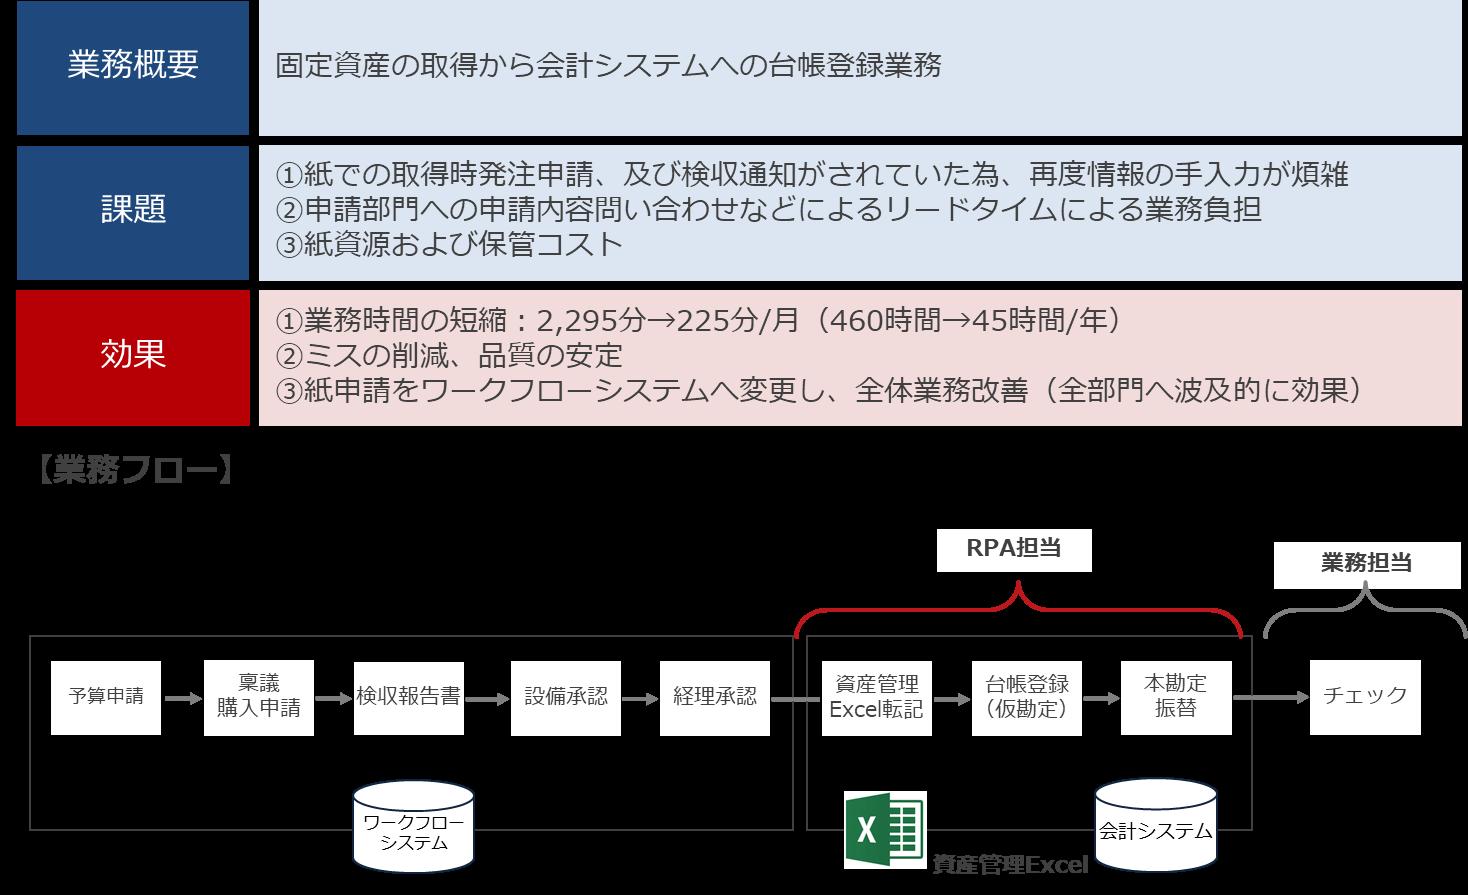 台帳登録(図2)